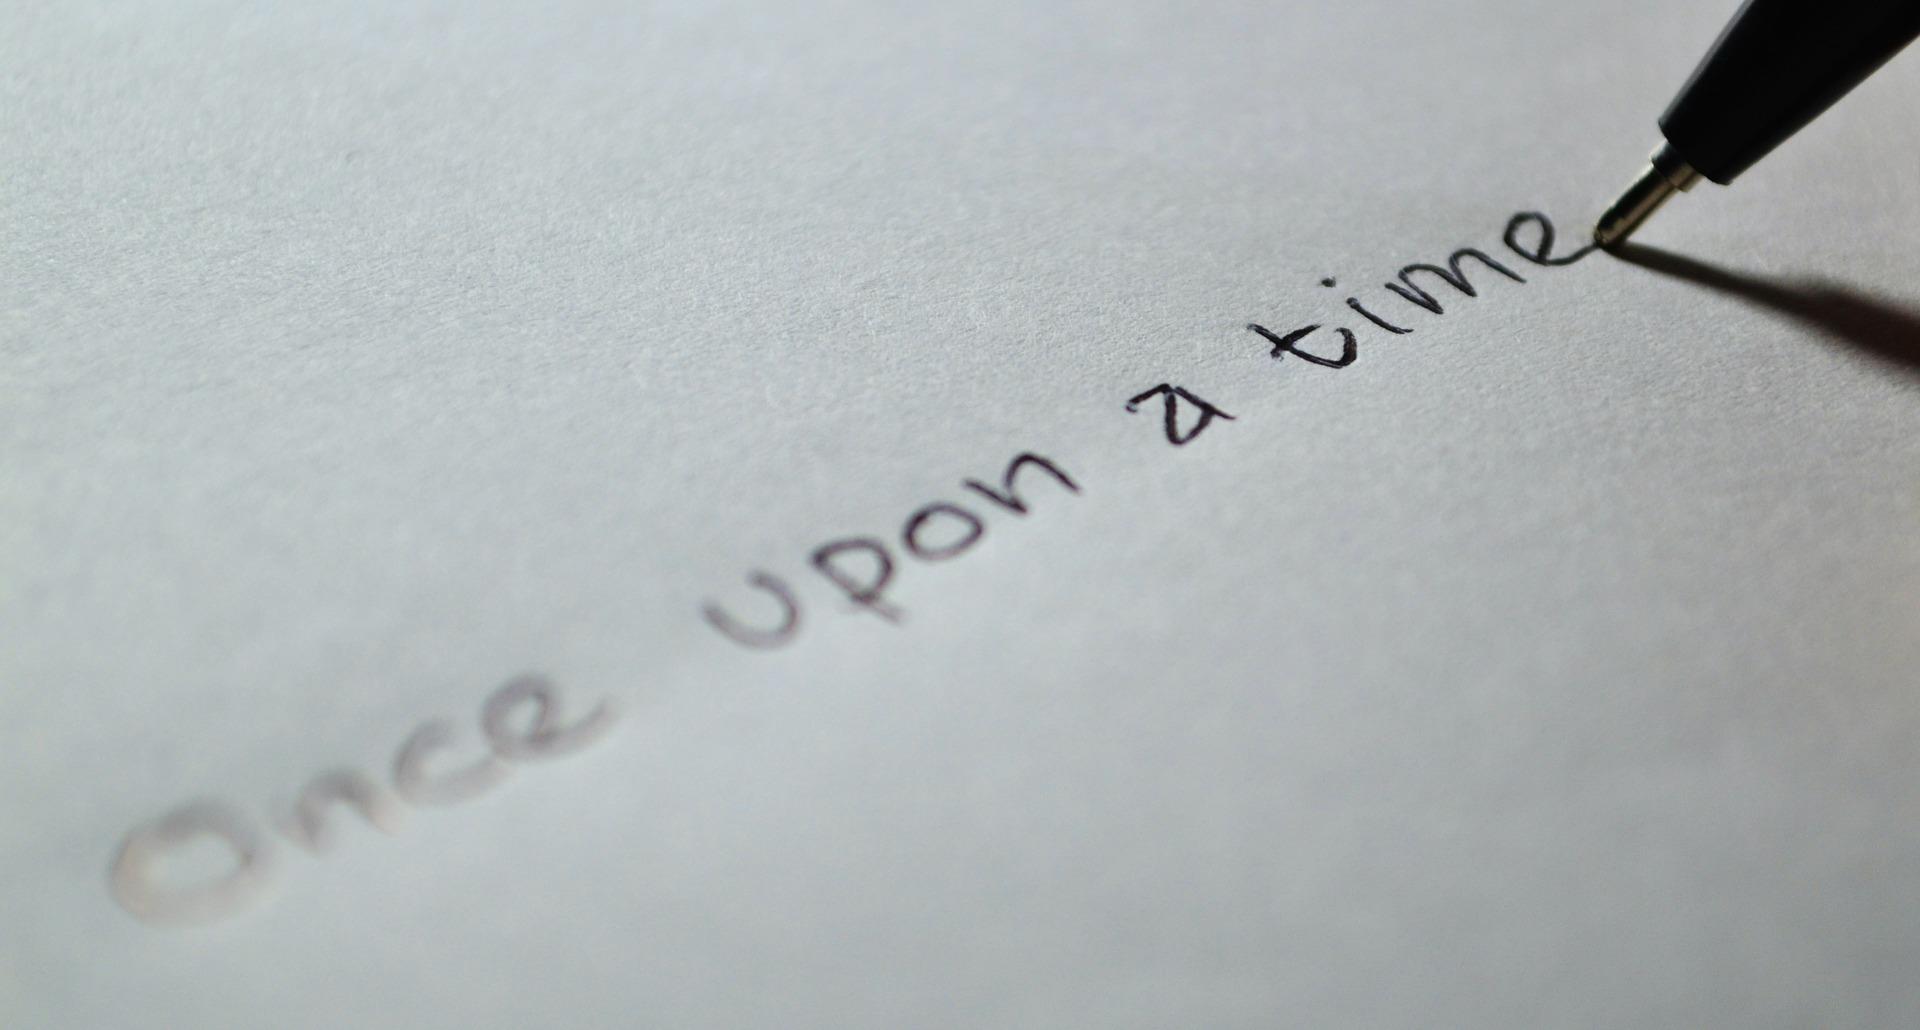 Jak napsat úvod diplomové práce 89b3e2f877f